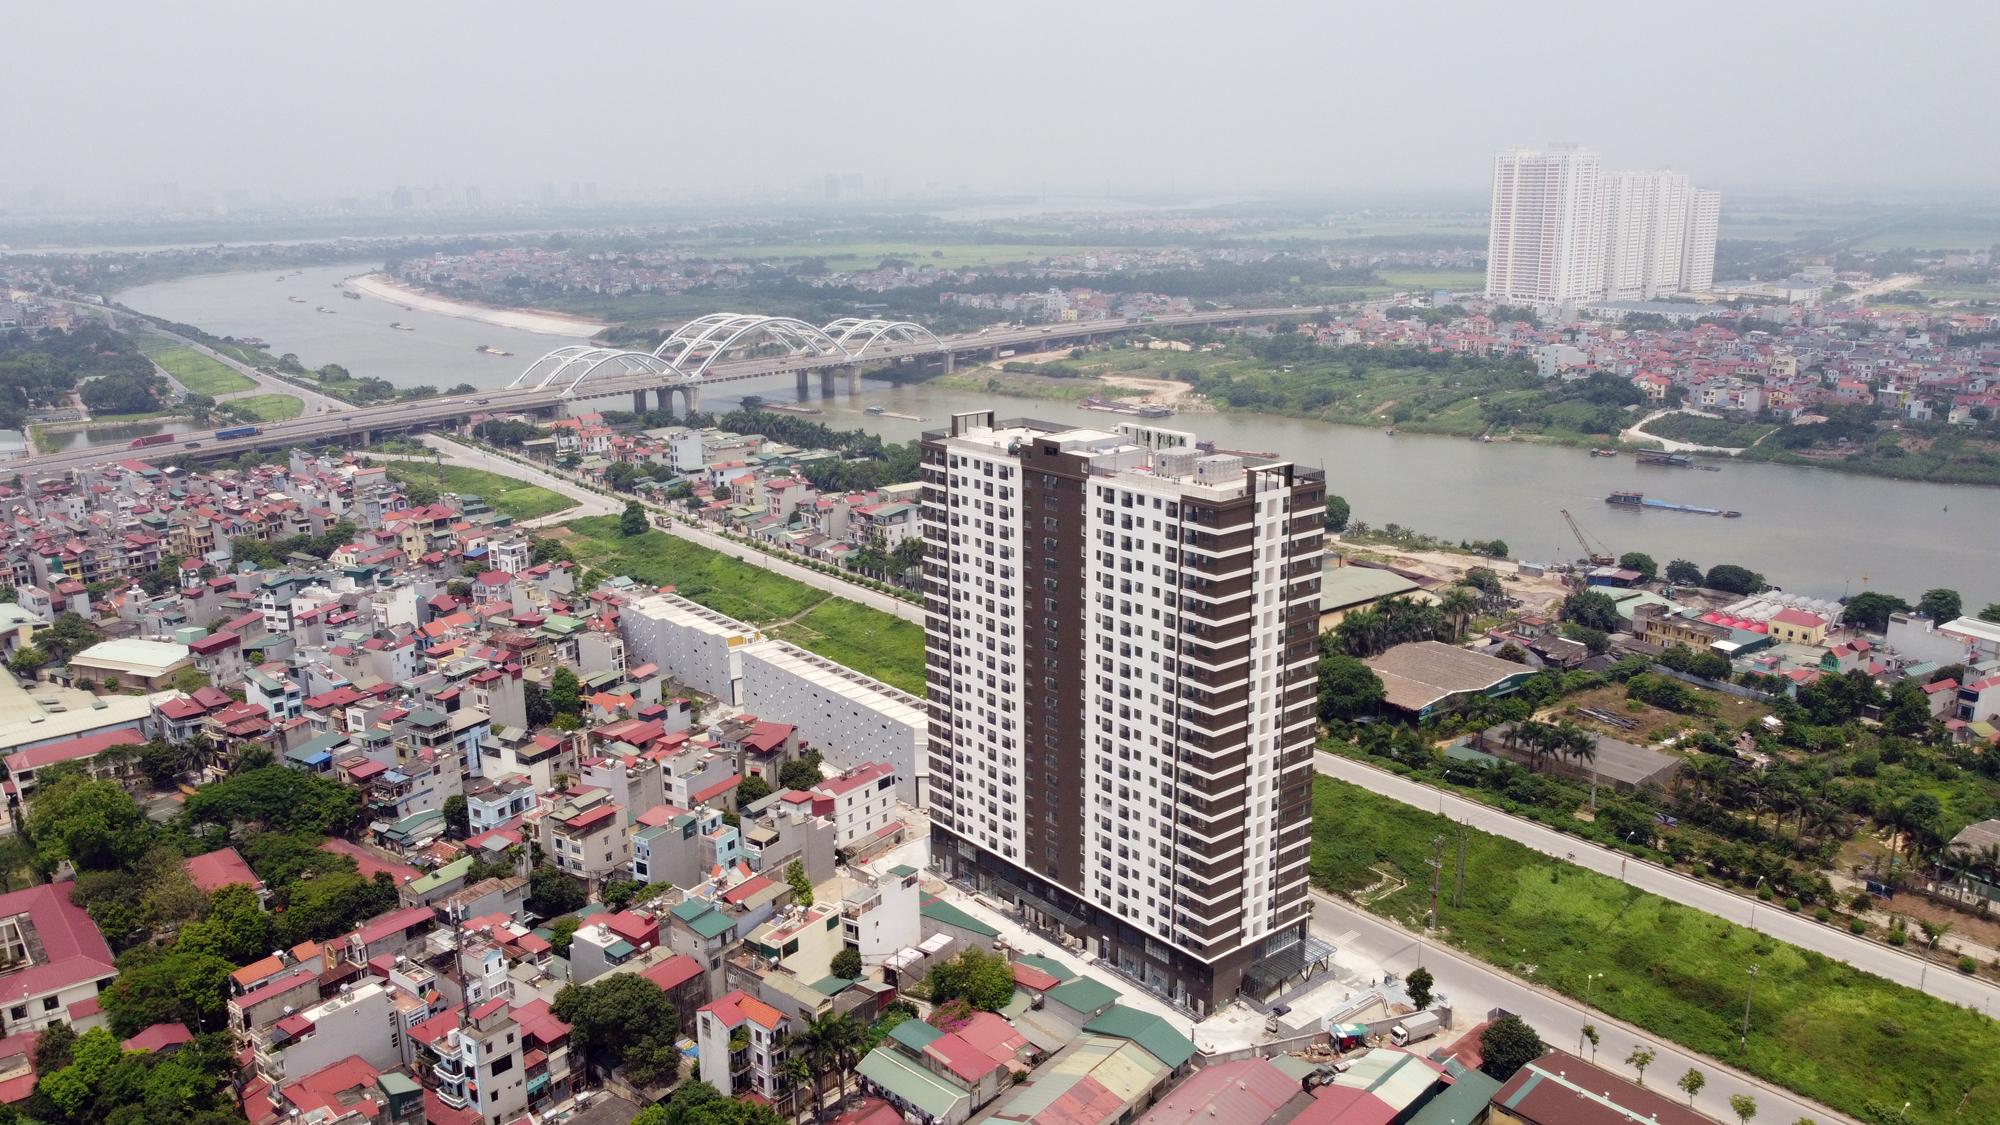 Hà Nội: Toàn cảnh các khu dân cư ven sông Hồng, sông Đuống thuộc diện di dời - Ảnh 16.